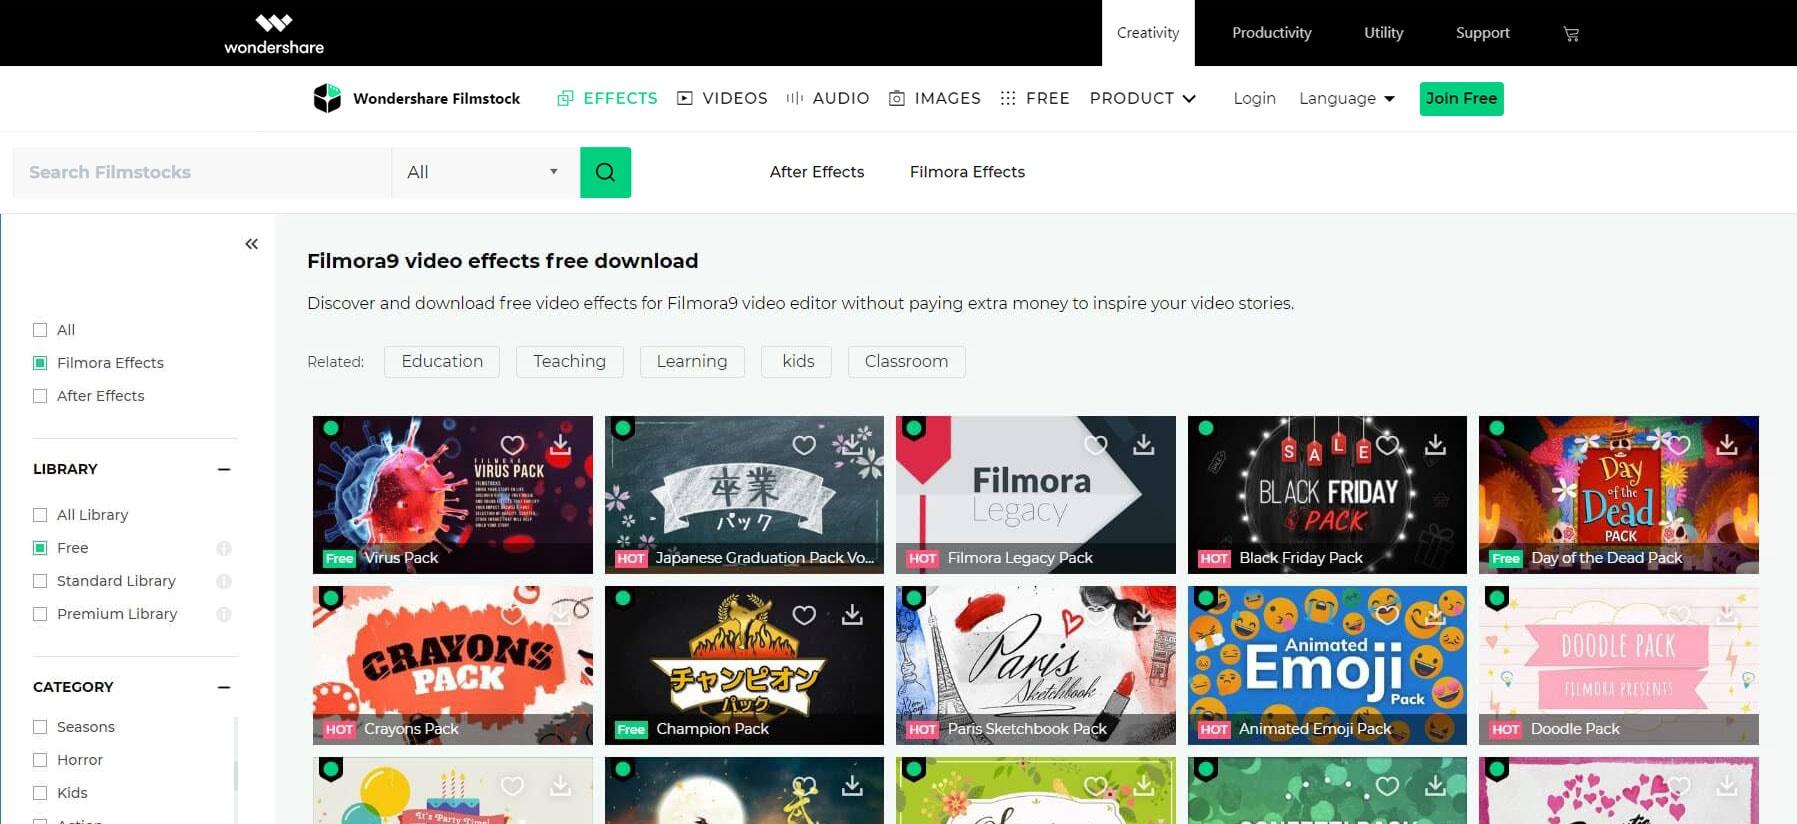 Filmora free video effects in Filmstocks